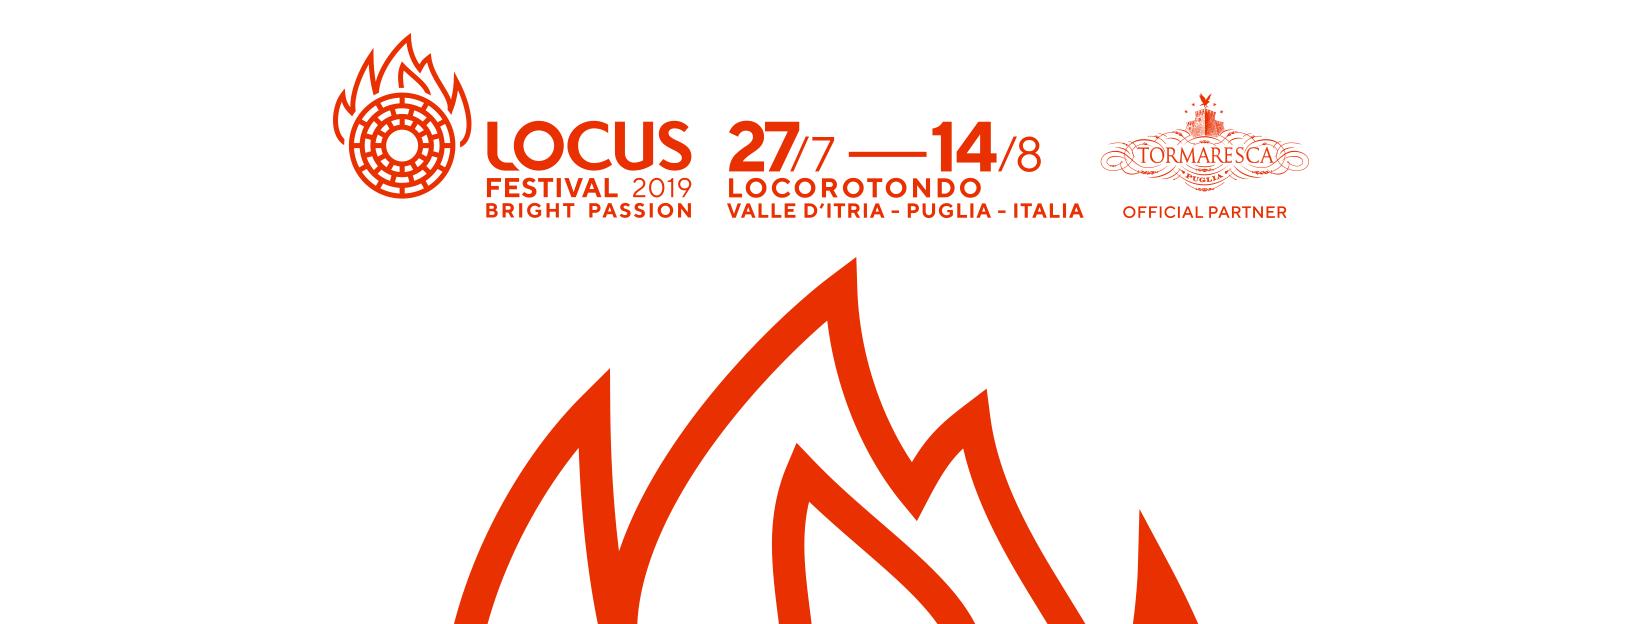 Torna il Locus Festival con Ms. Lauryn Hill, Four Tet, FKJ e altri ospiti